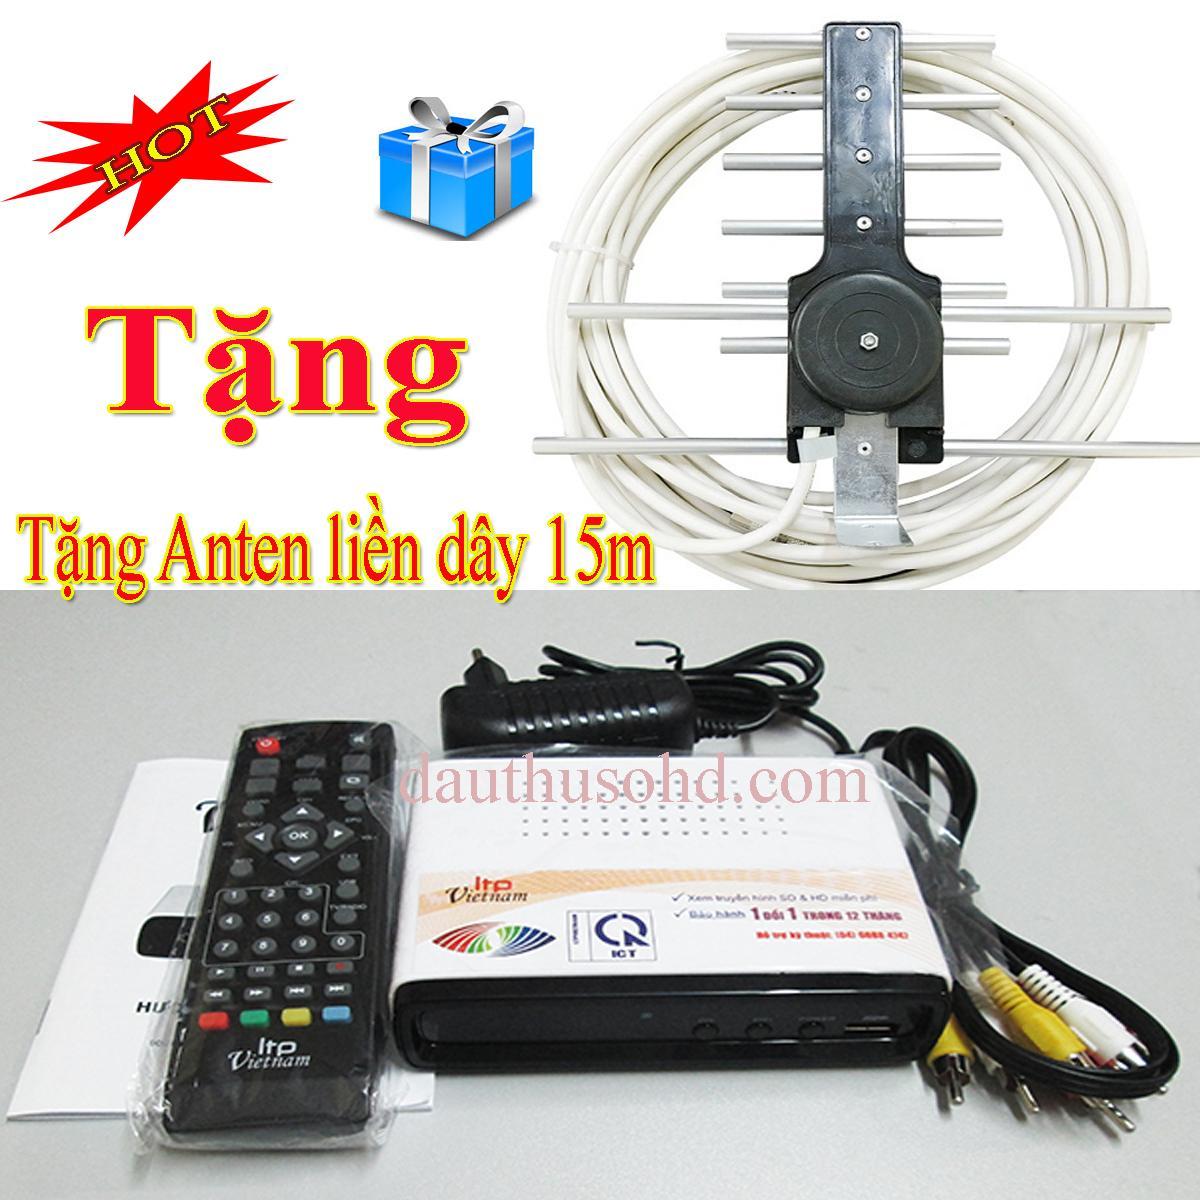 Hình ảnh Đầu thu kỹ thuật số DVB T2 LTP 1306 tặng anten liền dây 15m